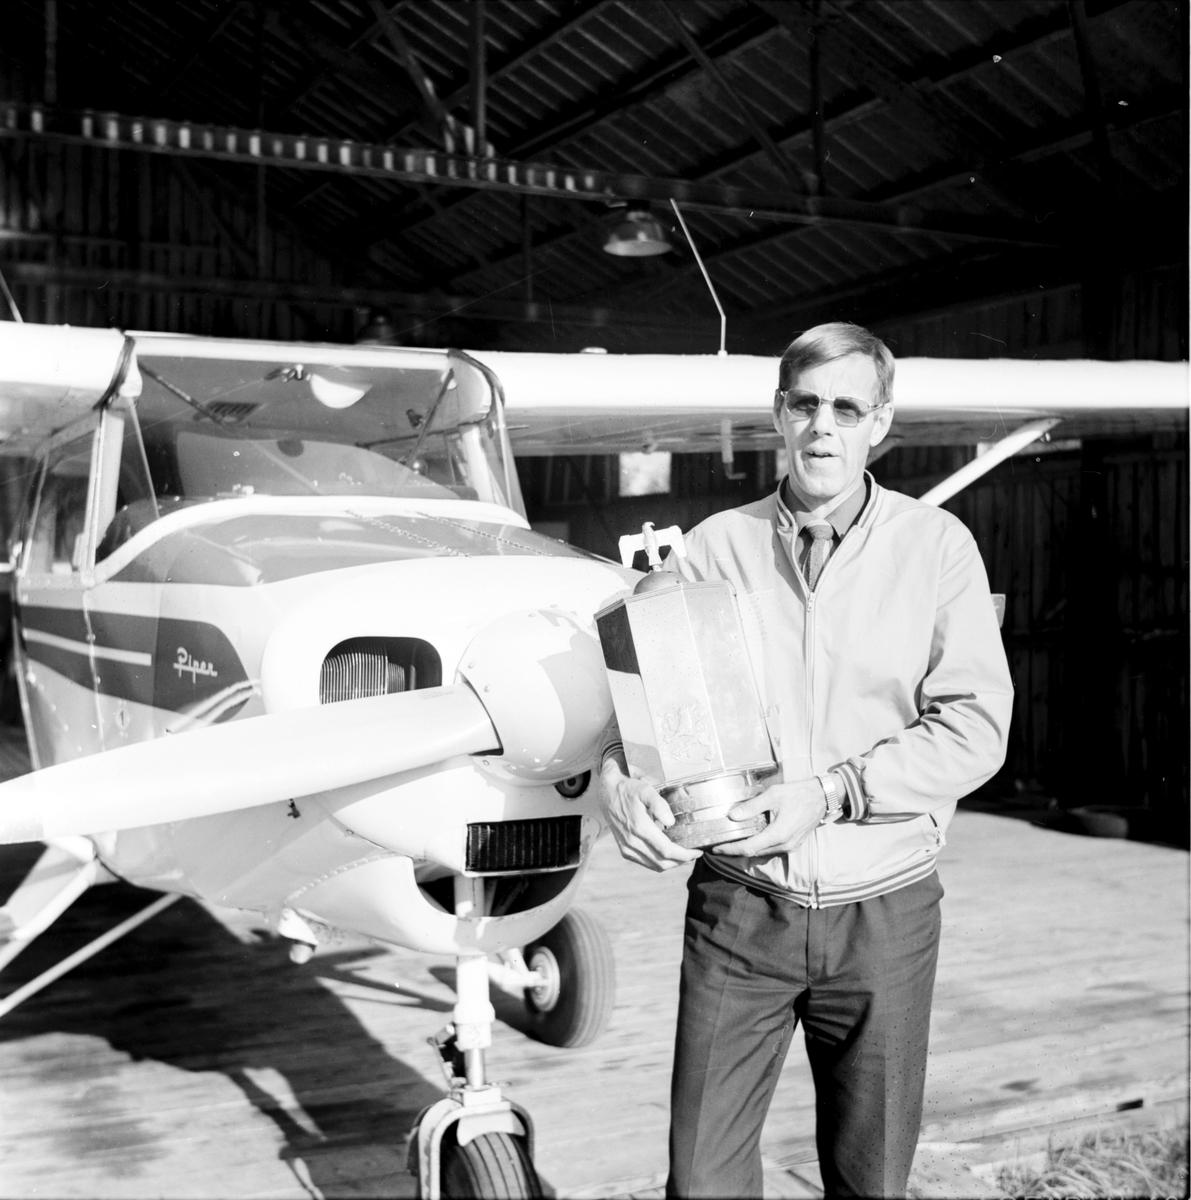 Arbrå, Gillis Unger, Nordisk mästare i motorflyg, Augusti 1971